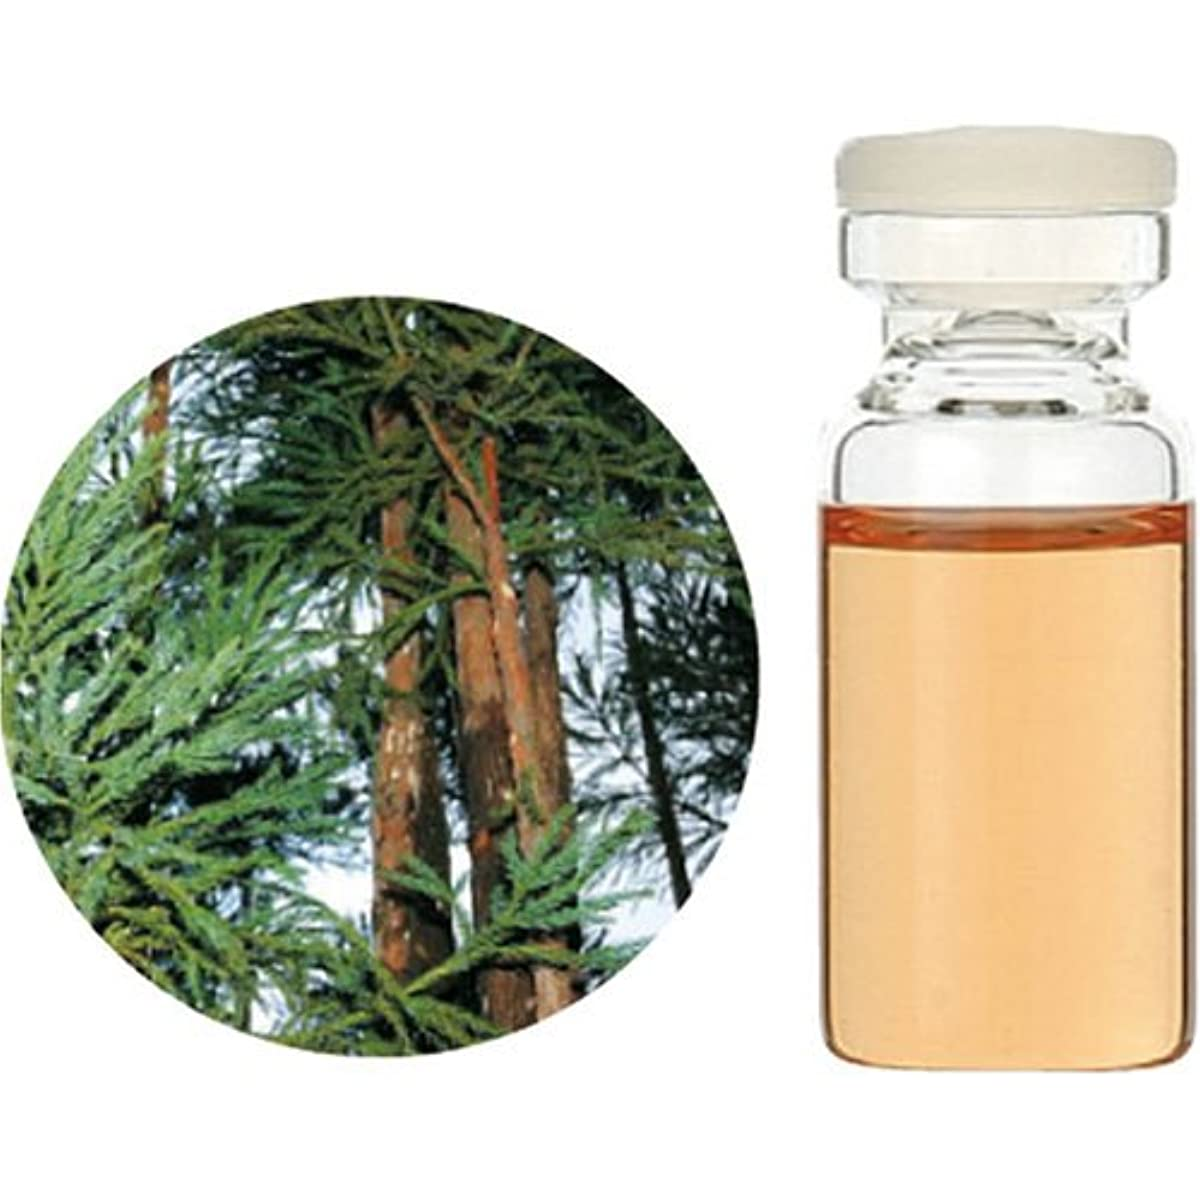 エクステントリゾート貪欲生活の木 C 和精油 杉 (木部) エッセンシャルオイル 10ml